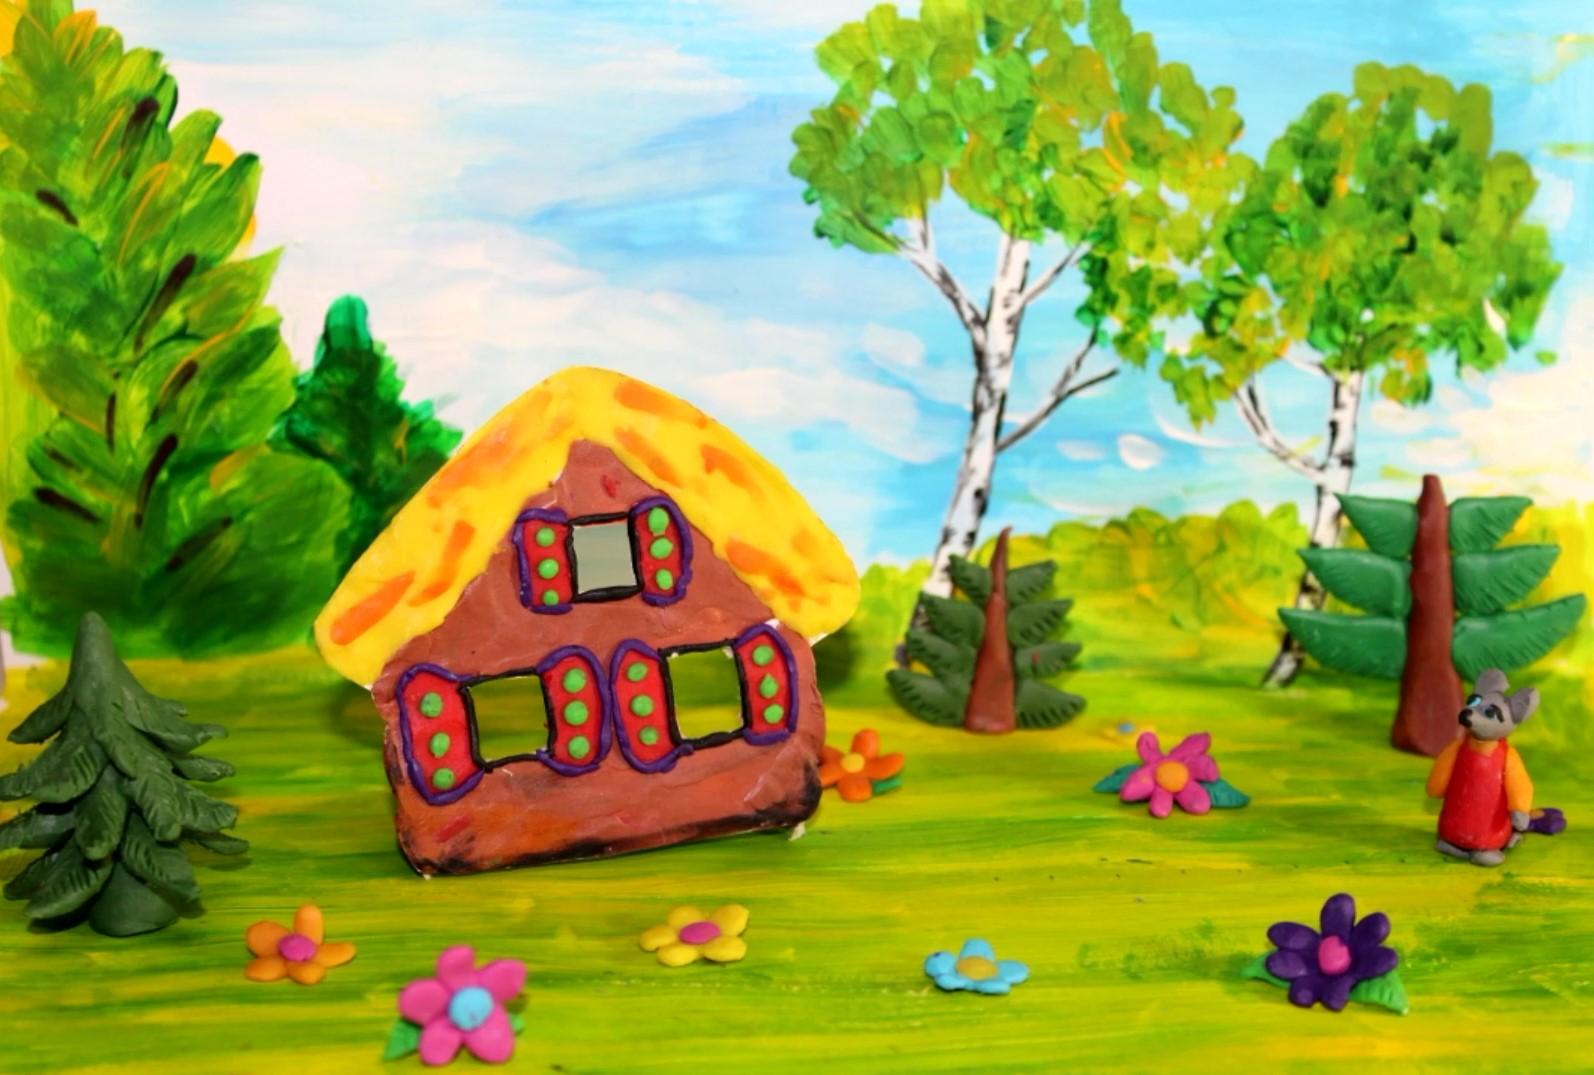 Тематическая подборка: Национальная коллекция мультфильмов детей дошкольного возраста